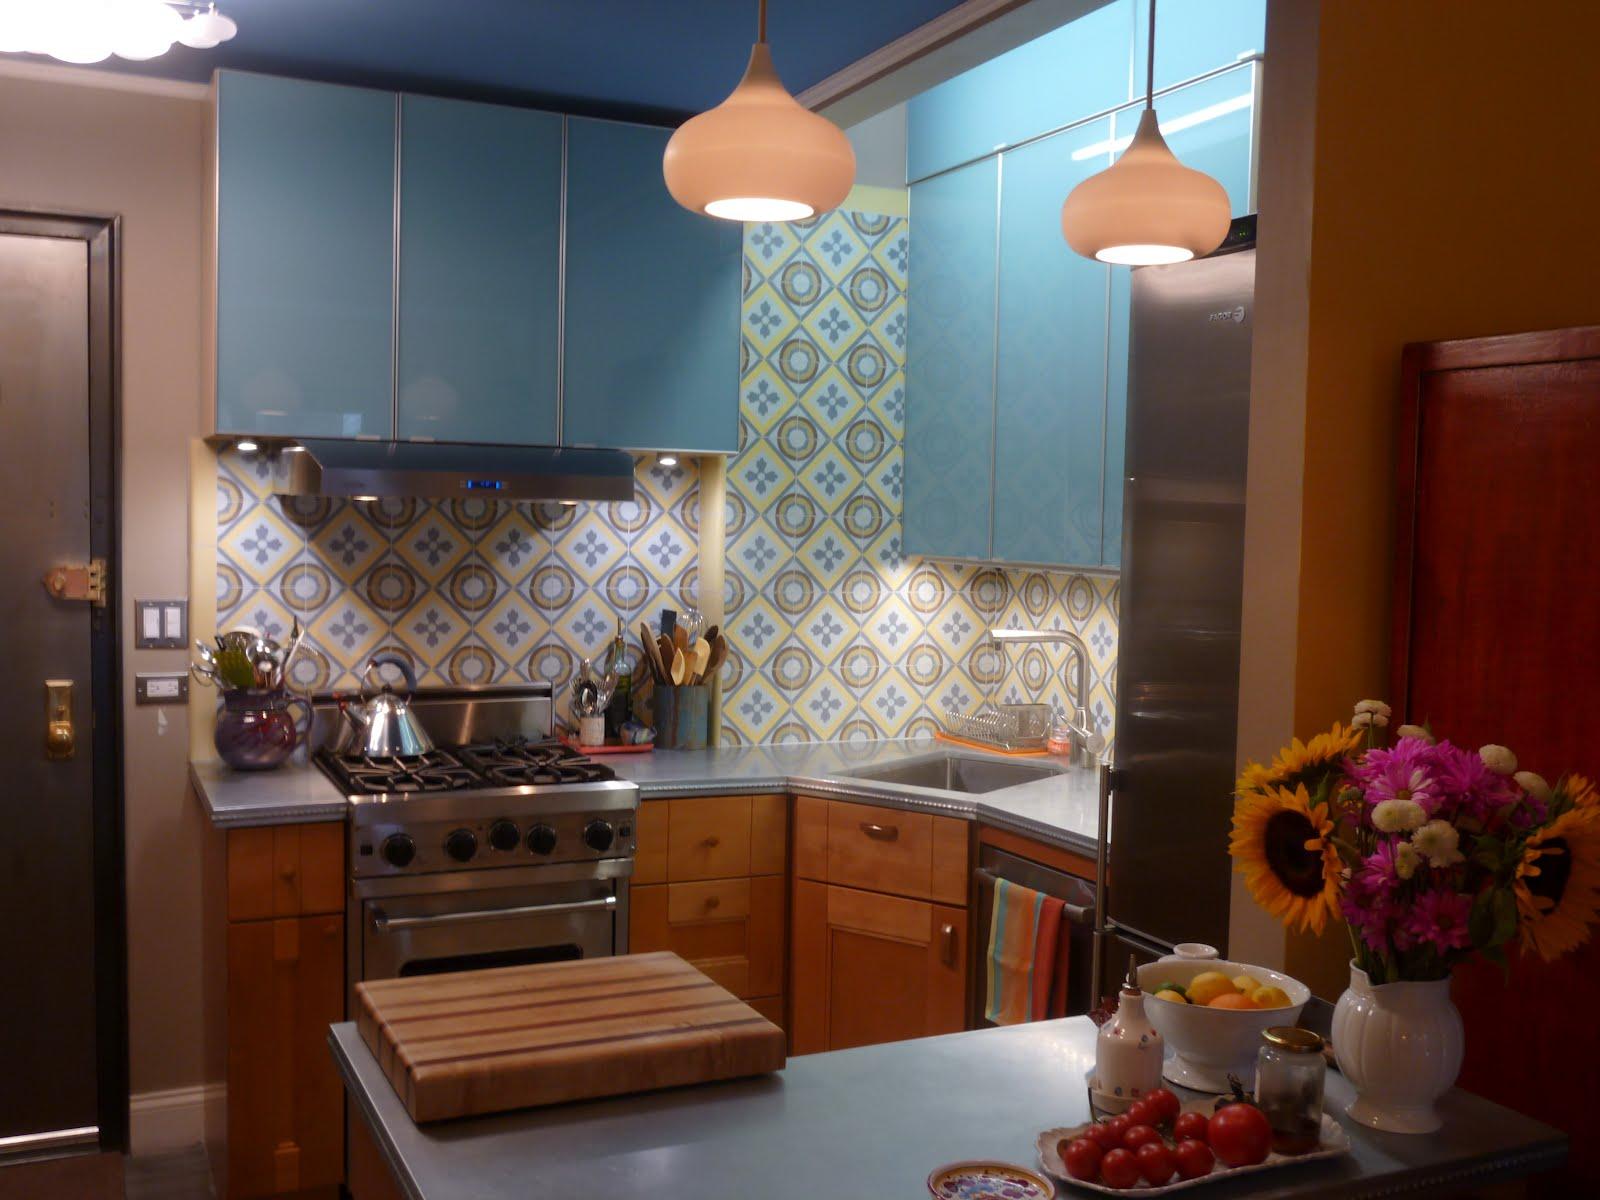 cement tile kitchen aide appliances avente talk a backsplash makes chelsea remodel